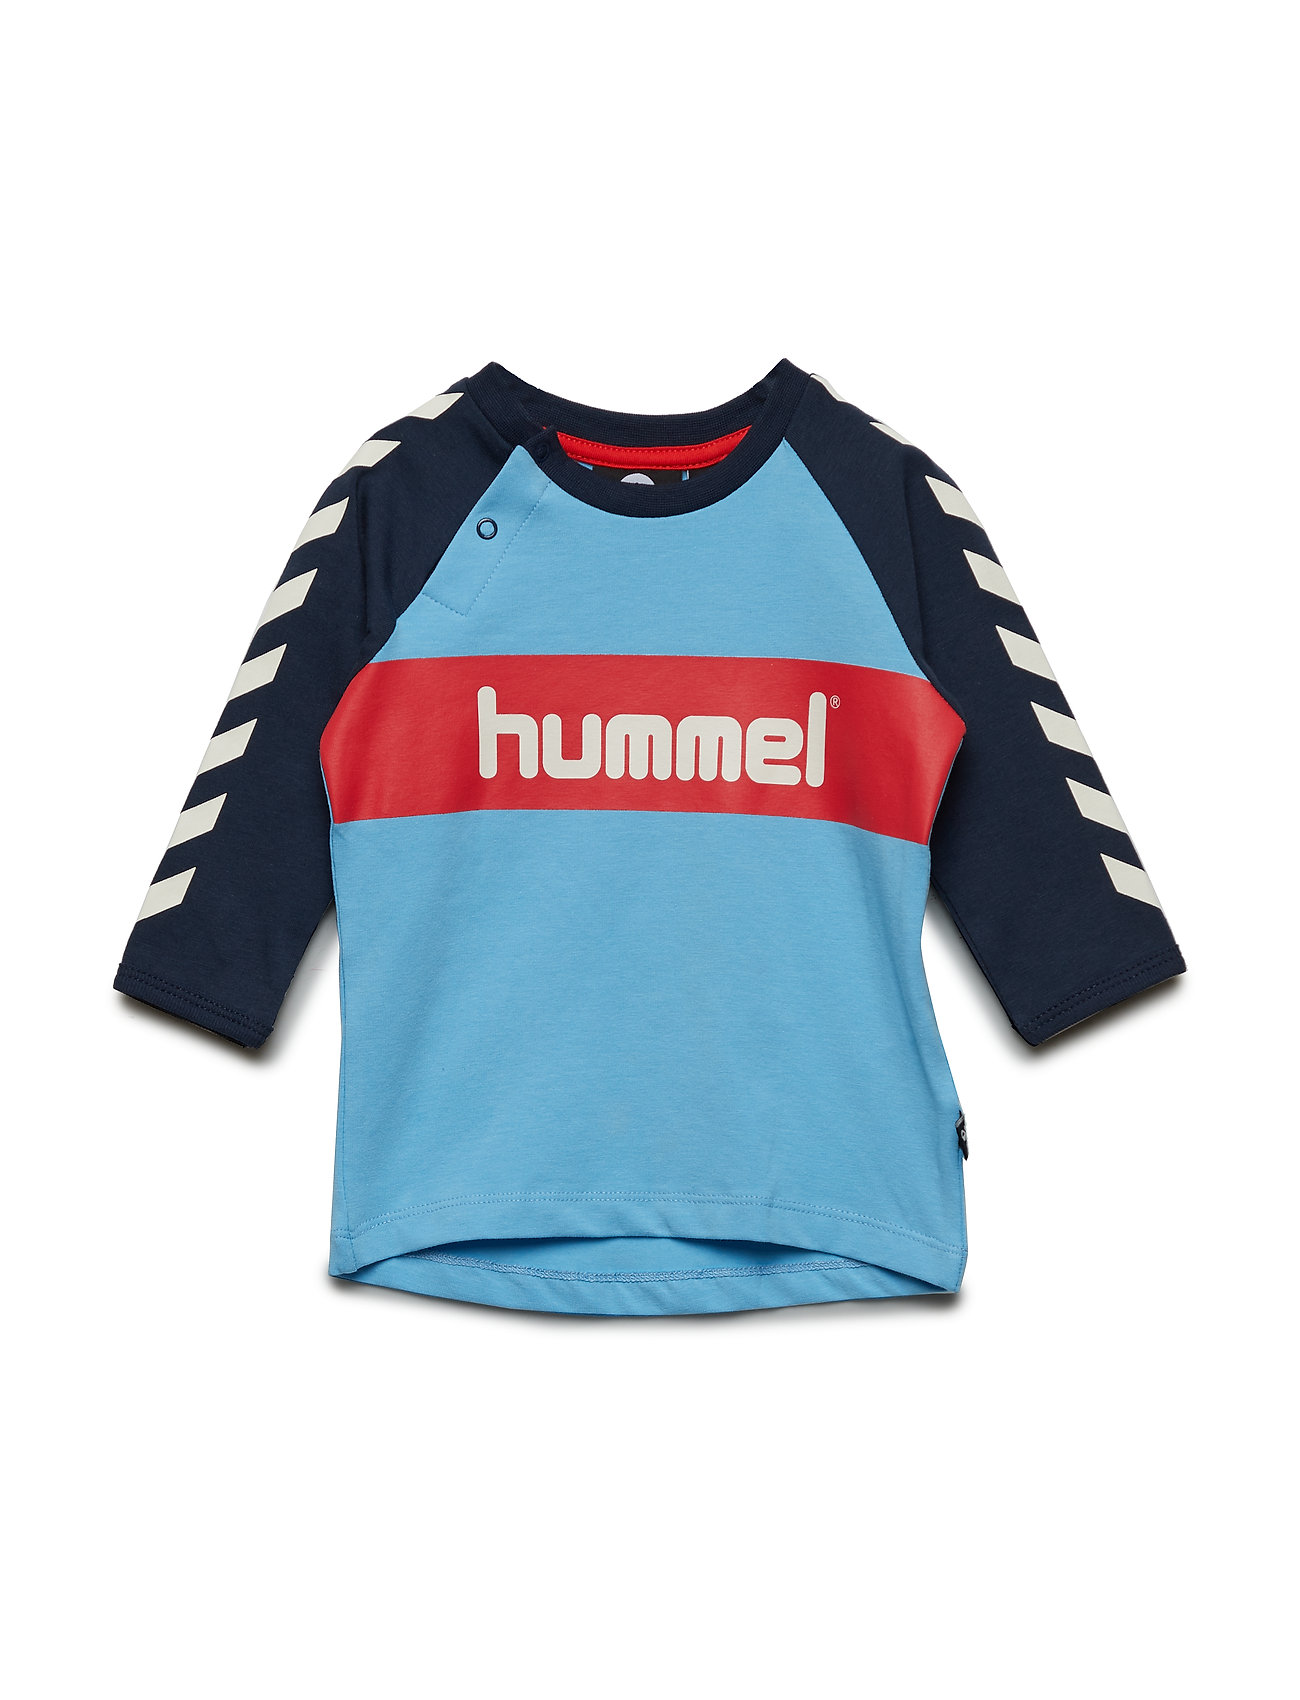 Hummel HMLFLASH T-SHIRT L/S - ETHEREAL BLUE